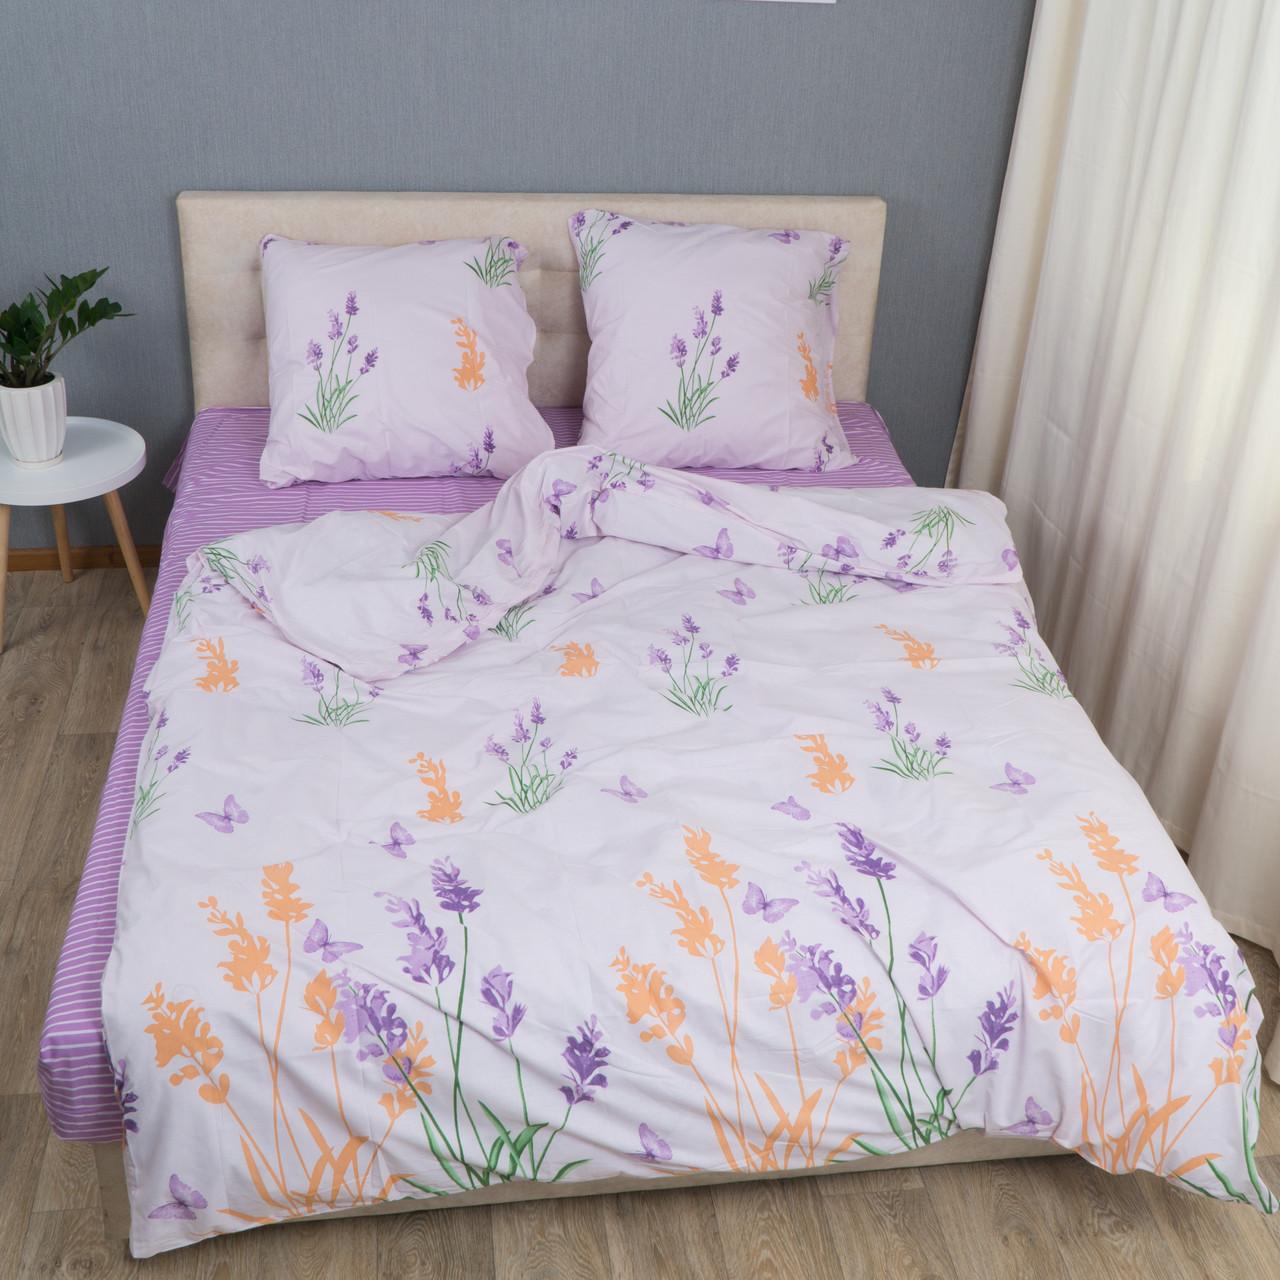 Комплект постельного белья Le Confort «Цветы на белом» 180x220 Бязь